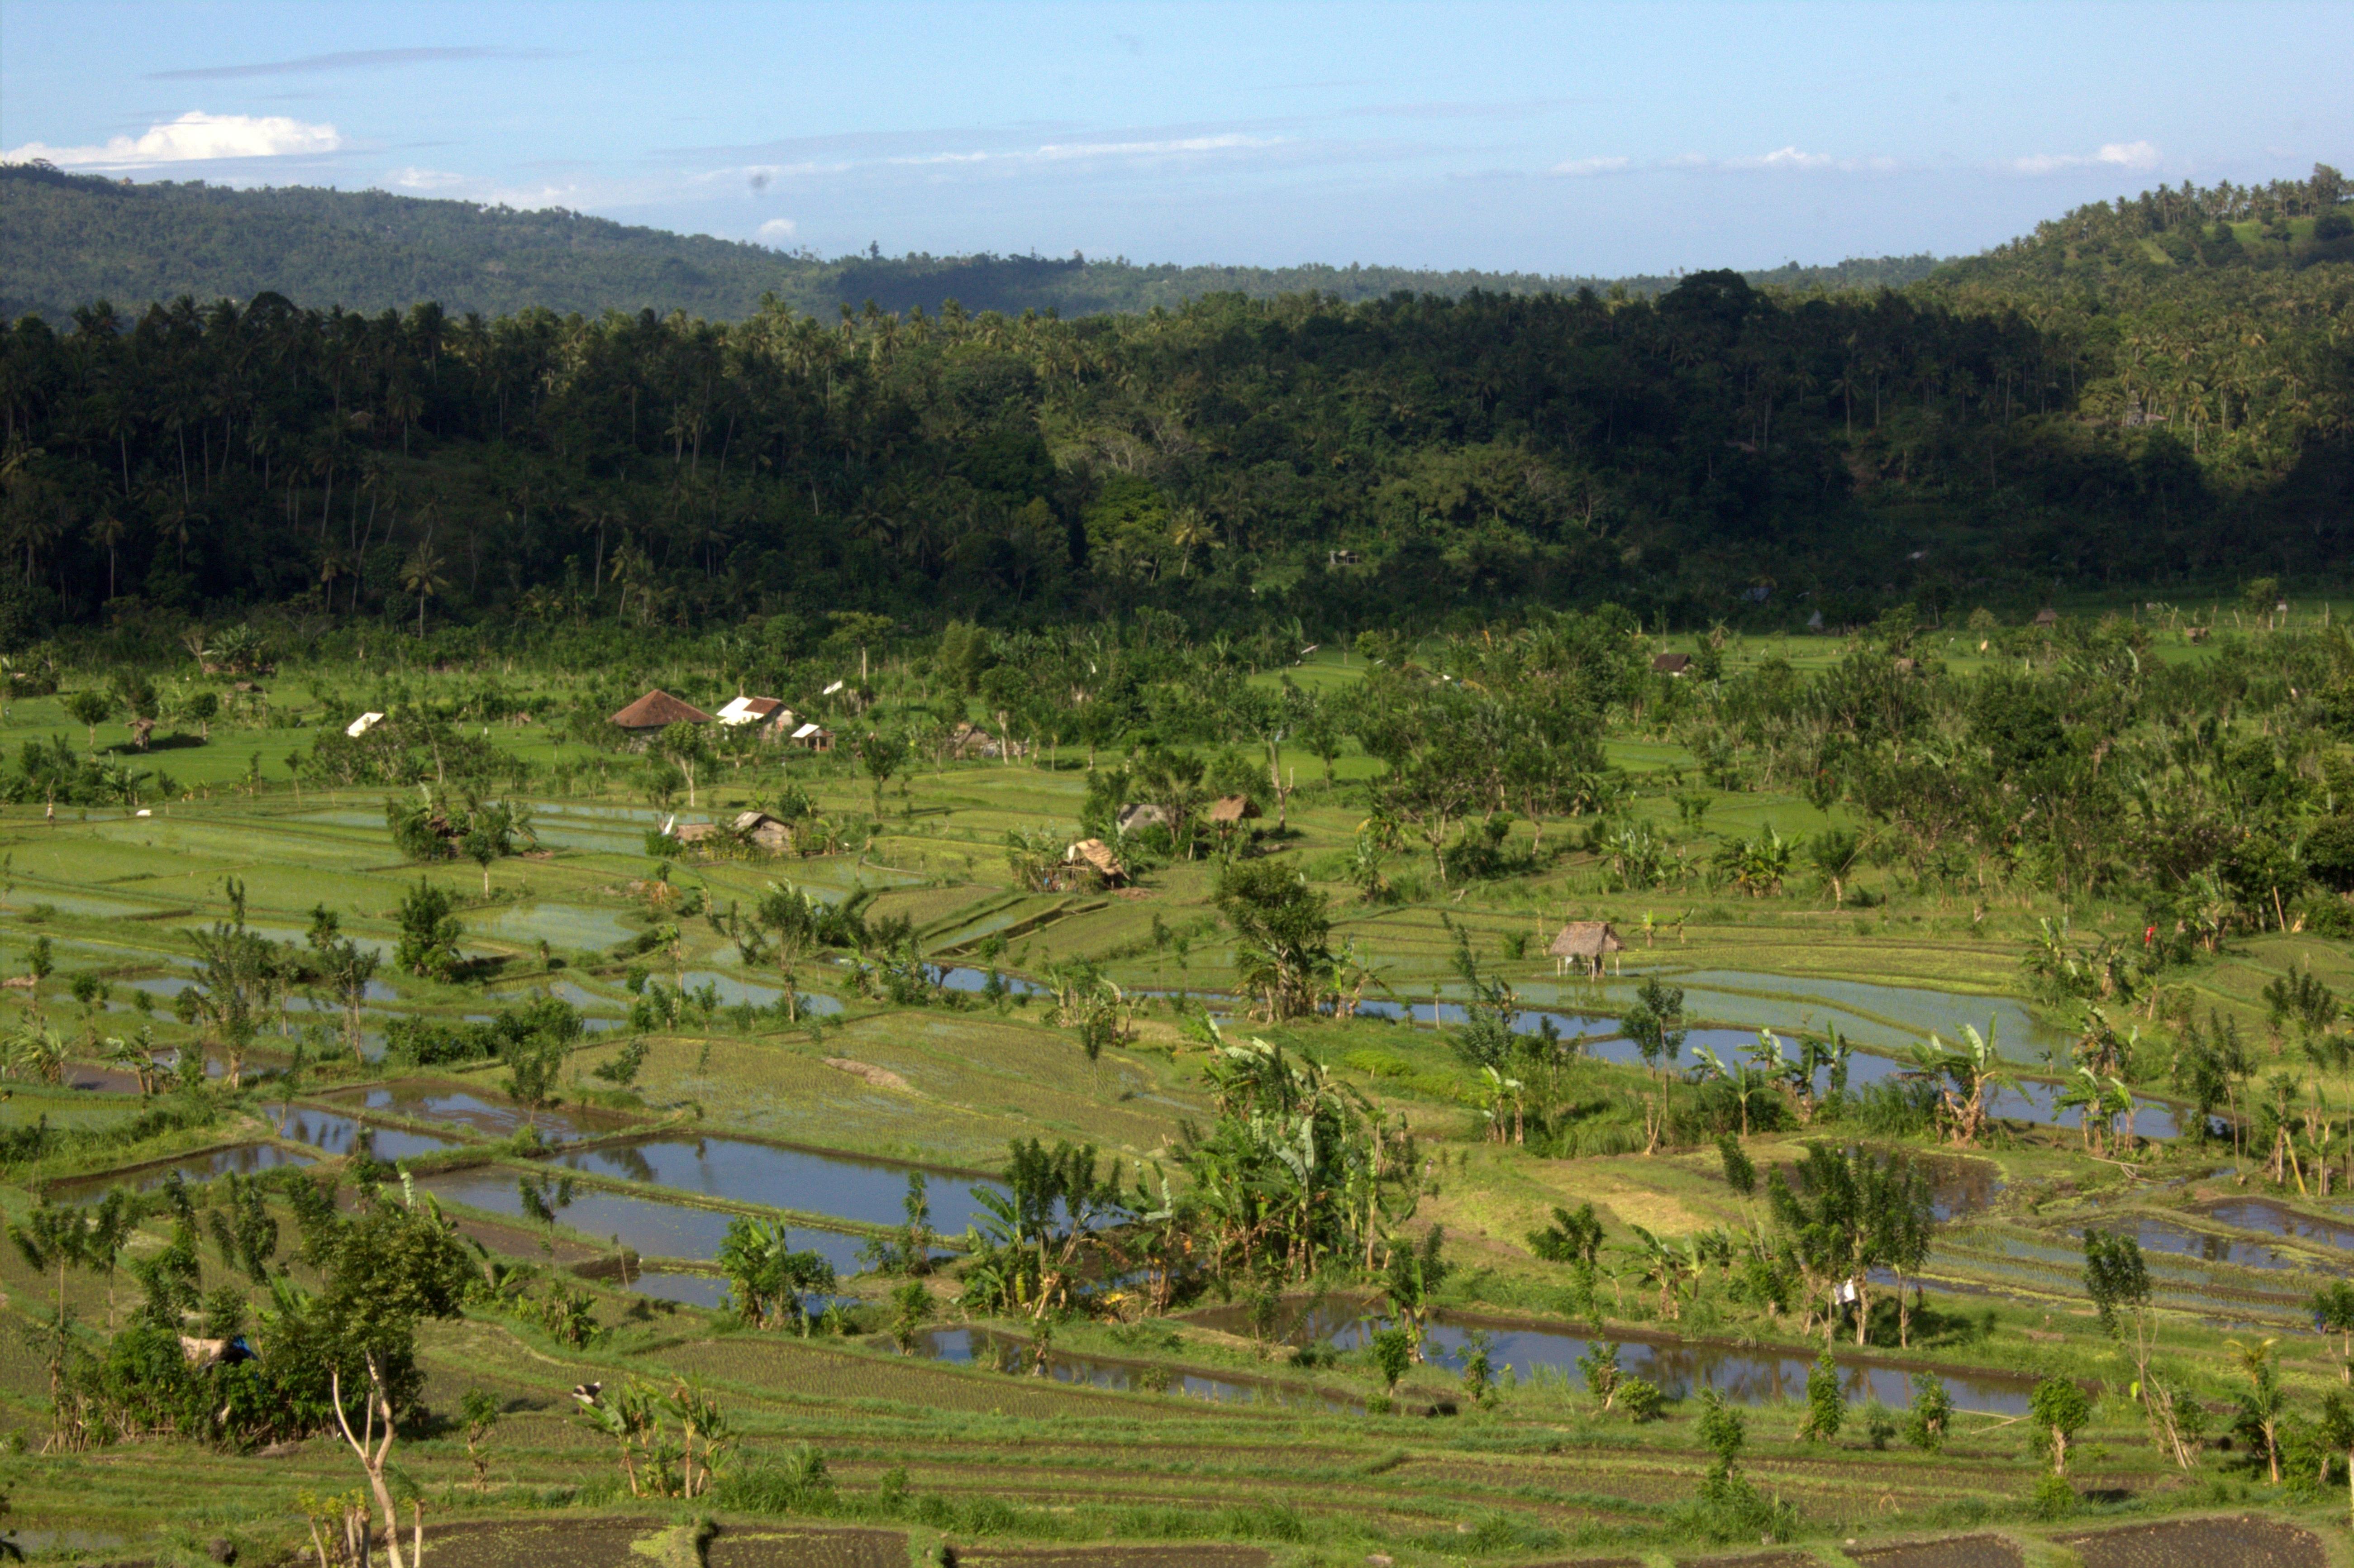 East Bali had been